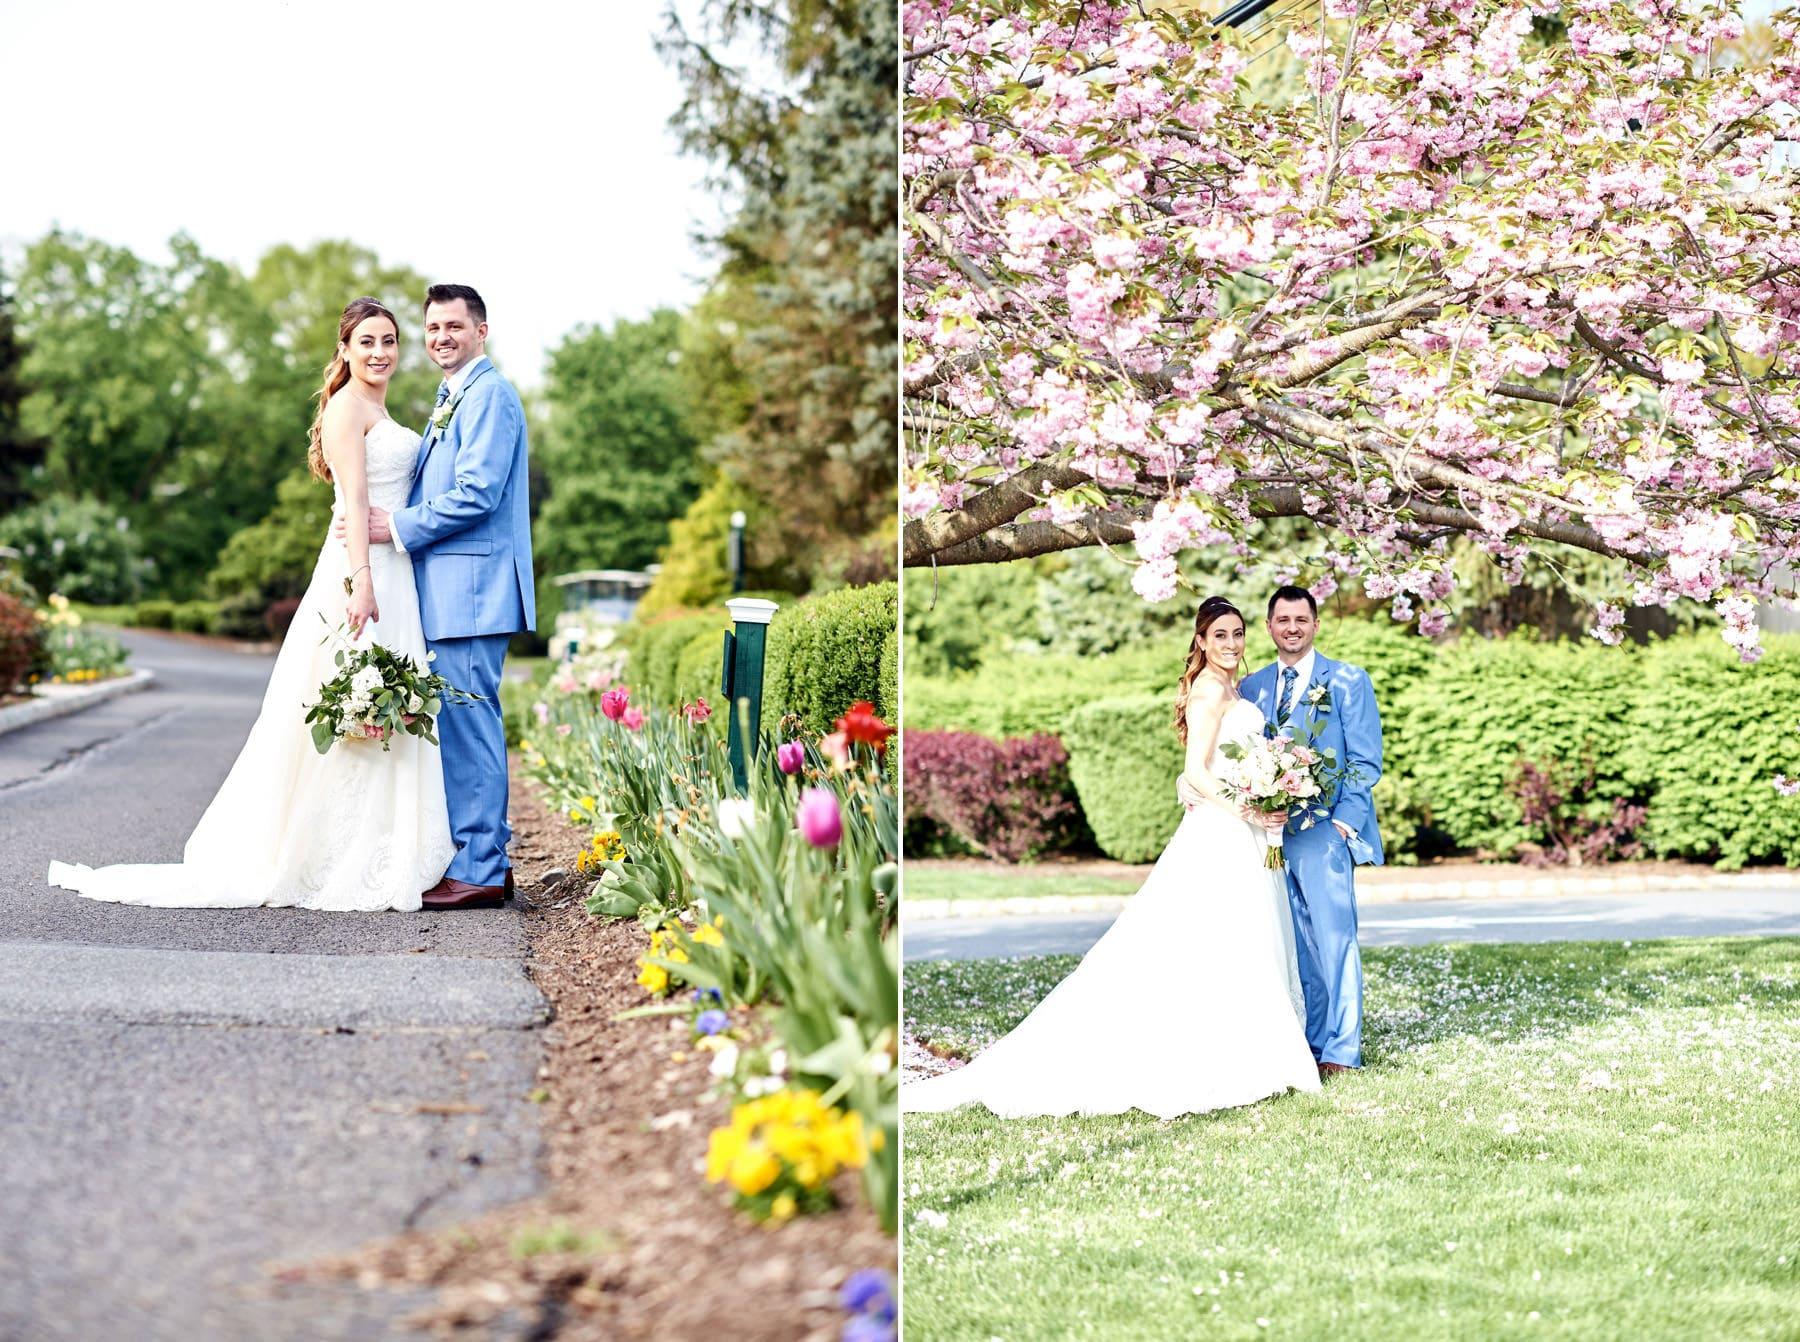 spring wedding photos at basking ridge country club